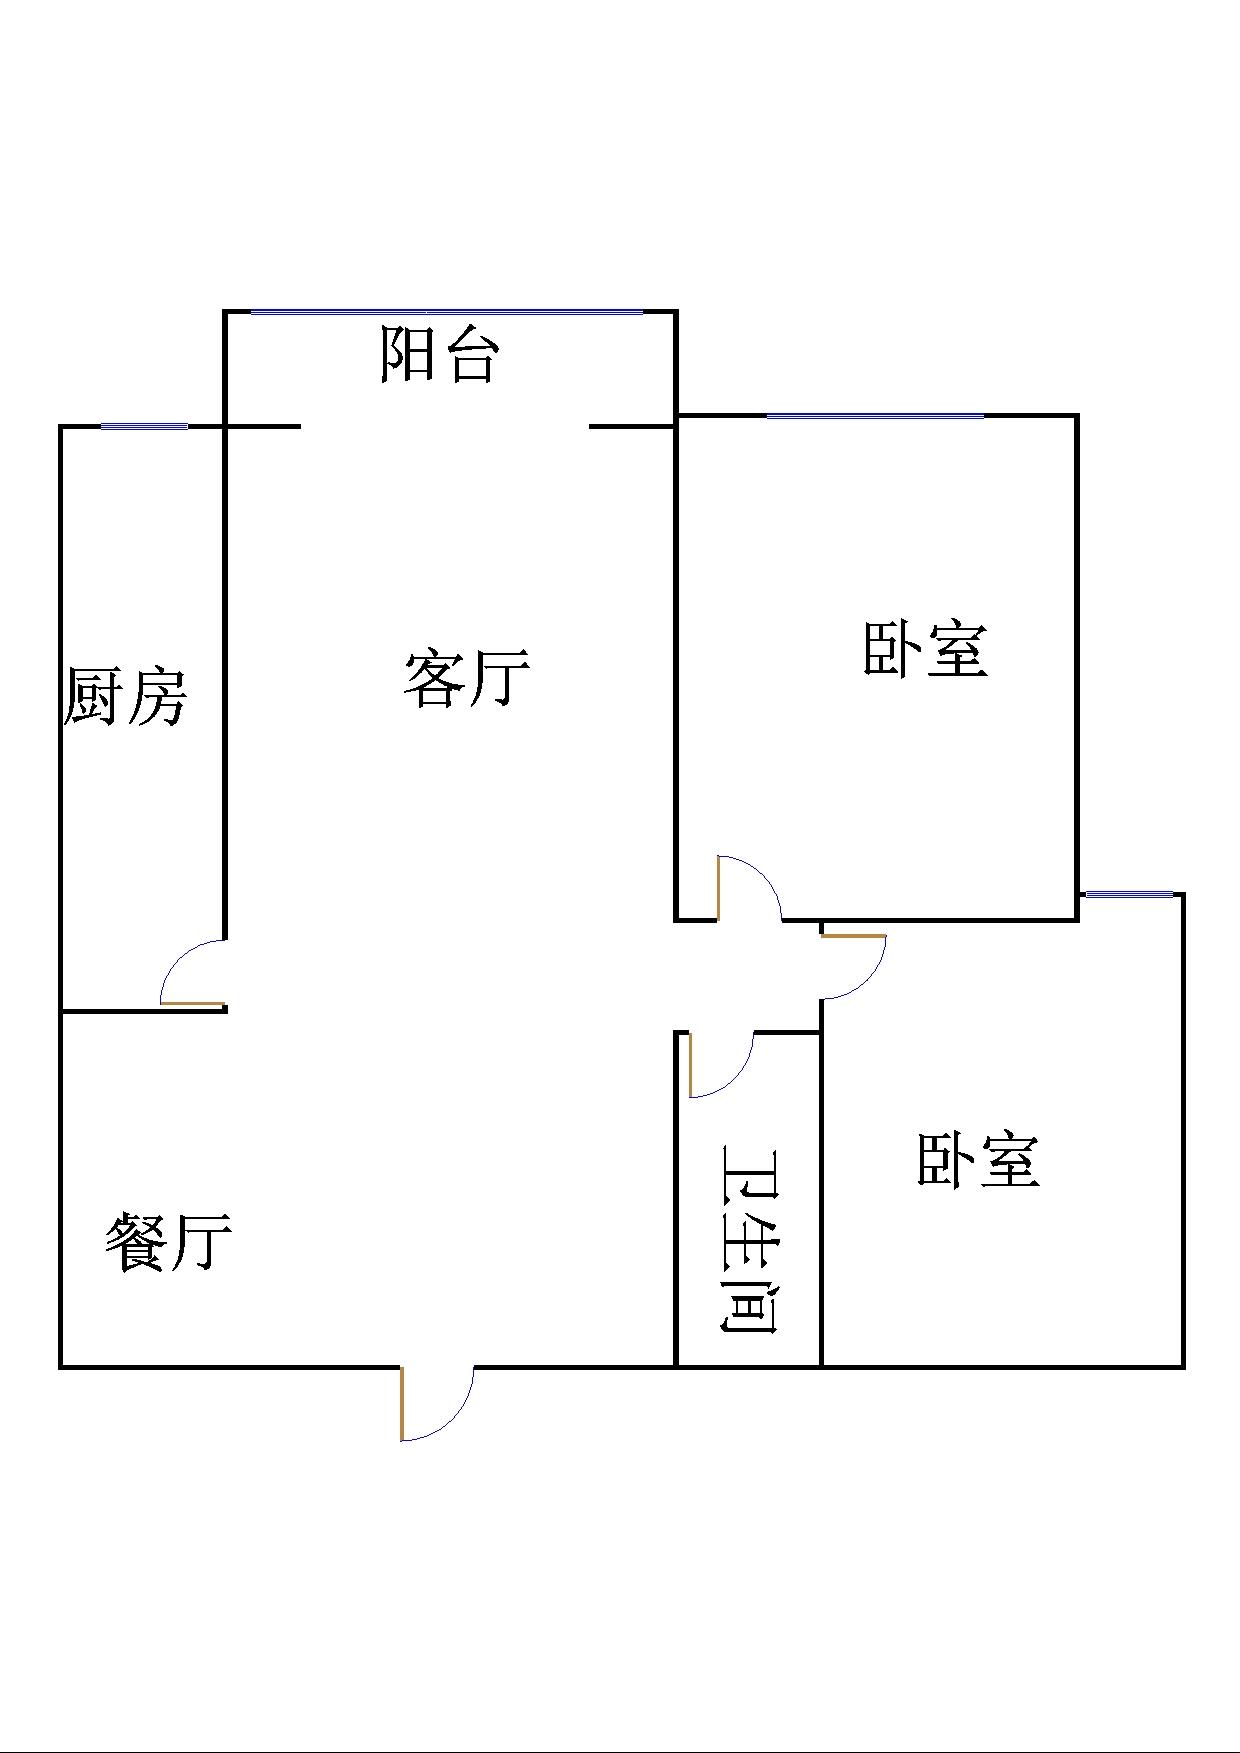 嘉城盛世 2室2厅  简装 105万